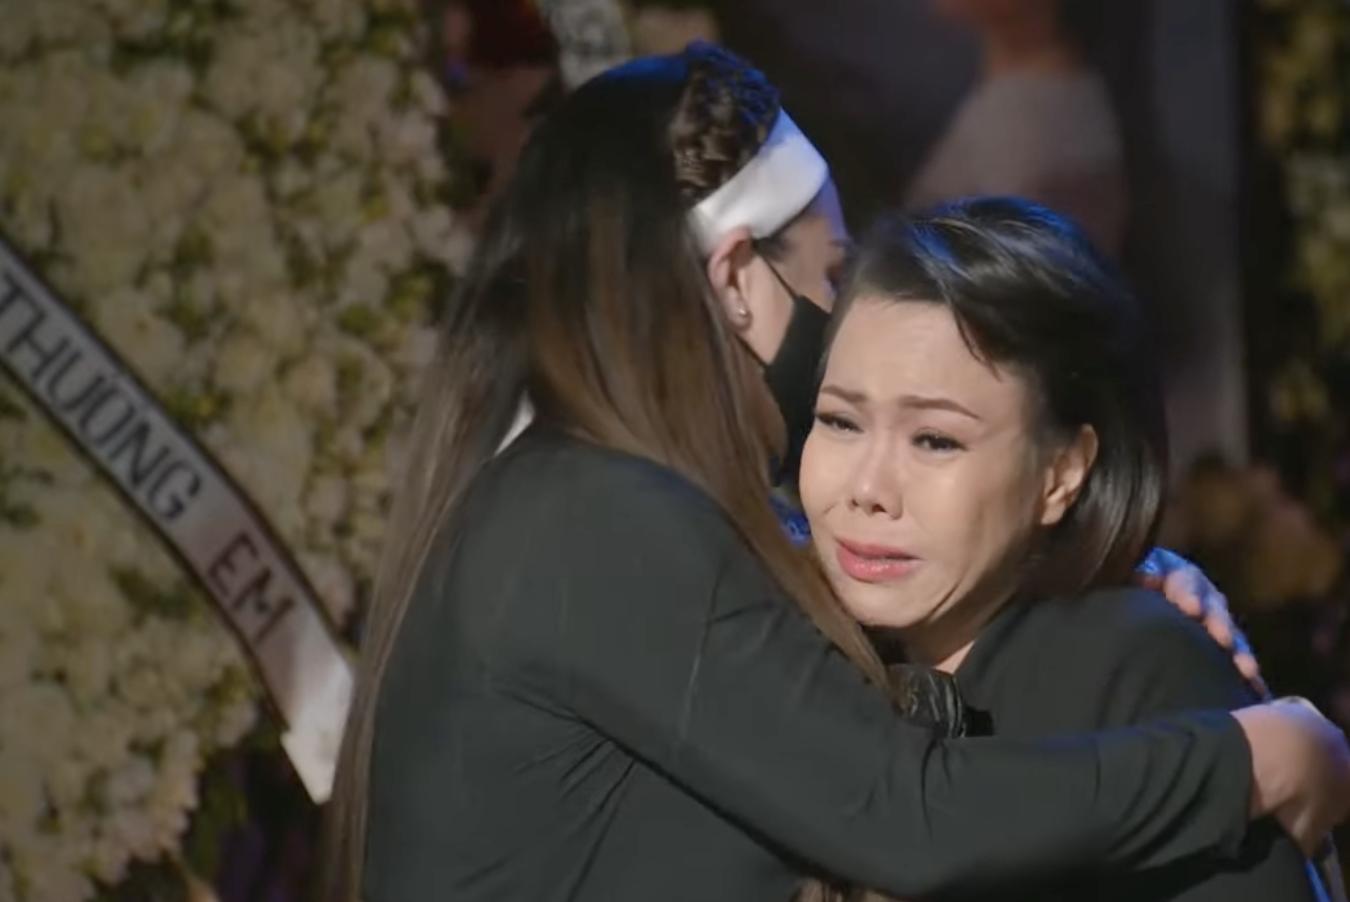 Việt Hương ráng gồng không khóc nhưng nước mắt ứa như mưa, tự trách bản thân 1 việc liên quan đến Phi Nhung-1